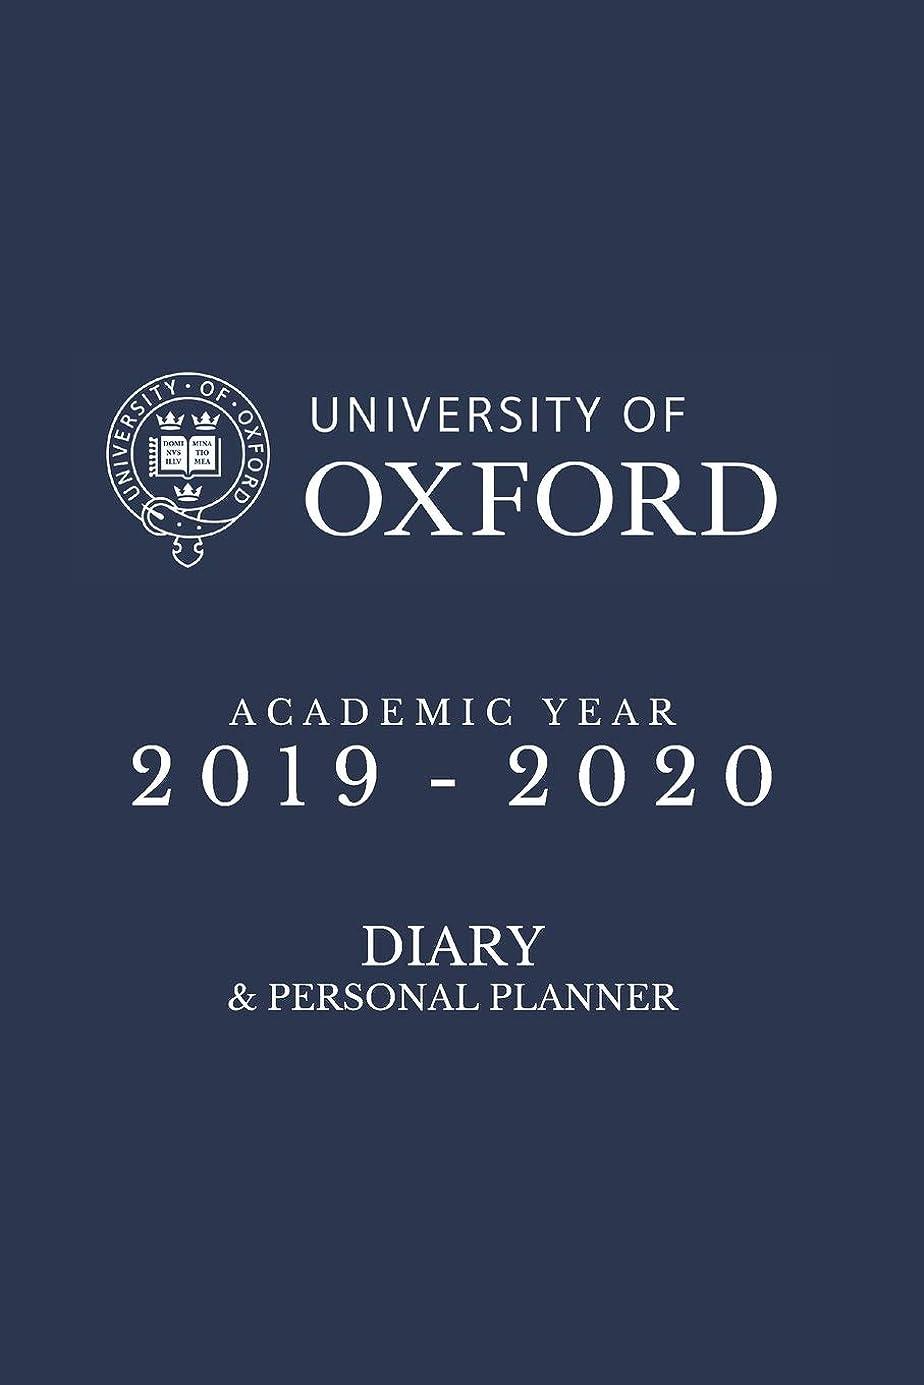 オープニング干ばつ成功University of Oxford Diary Academic Year 2019: Oxford Diary and Personal Planner with month and day views of Academic Years from Sept 2019 to Aug 2020